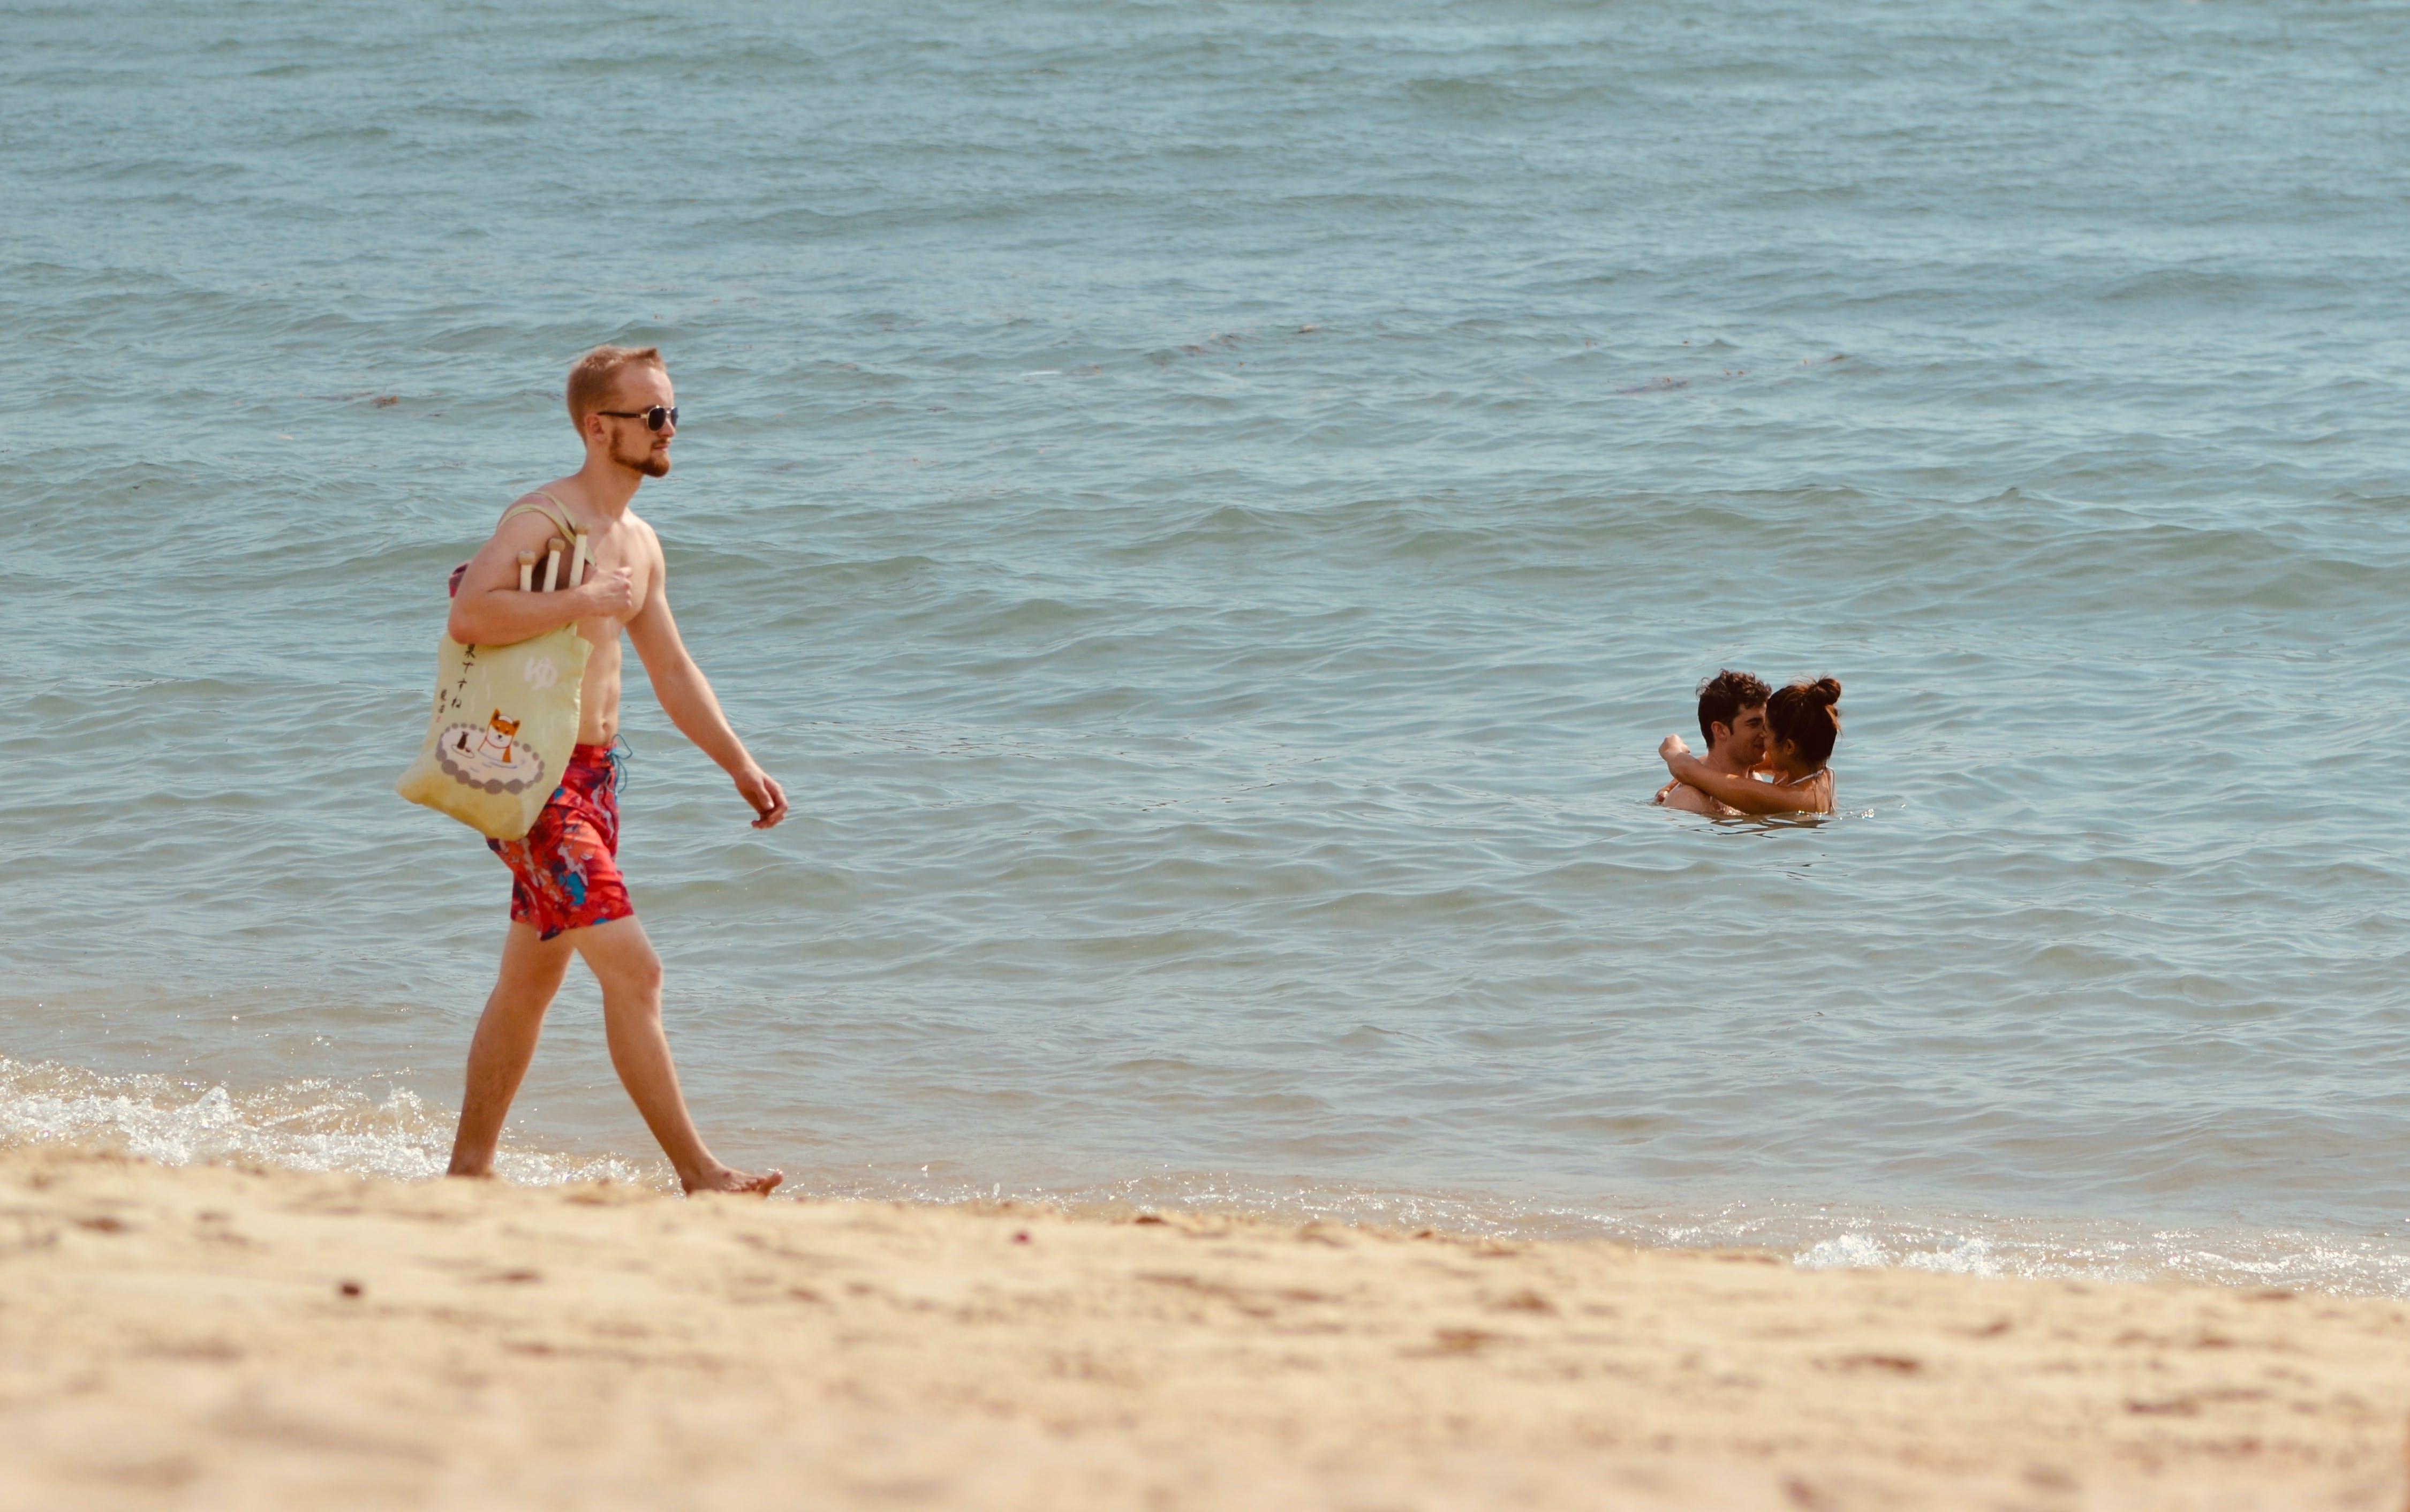 Free stock photo of along the beach, on a beach, sand, sand beach